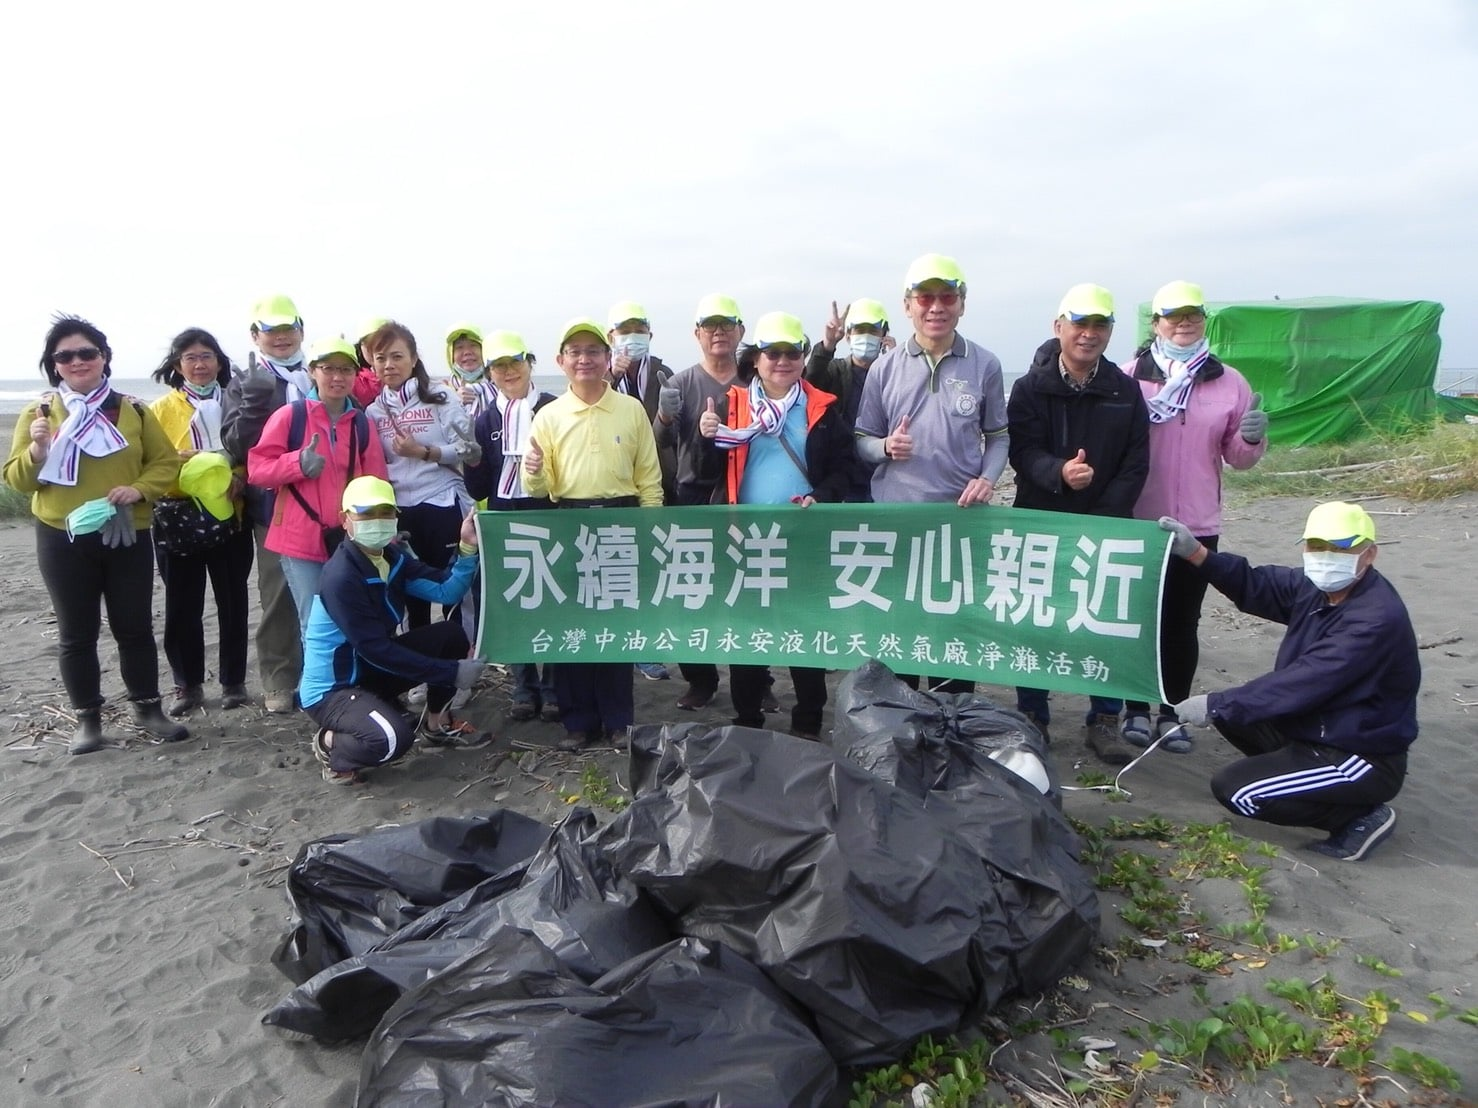 台灣中油響應淨灘活動,發動員眷一起愛護海洋生態環境